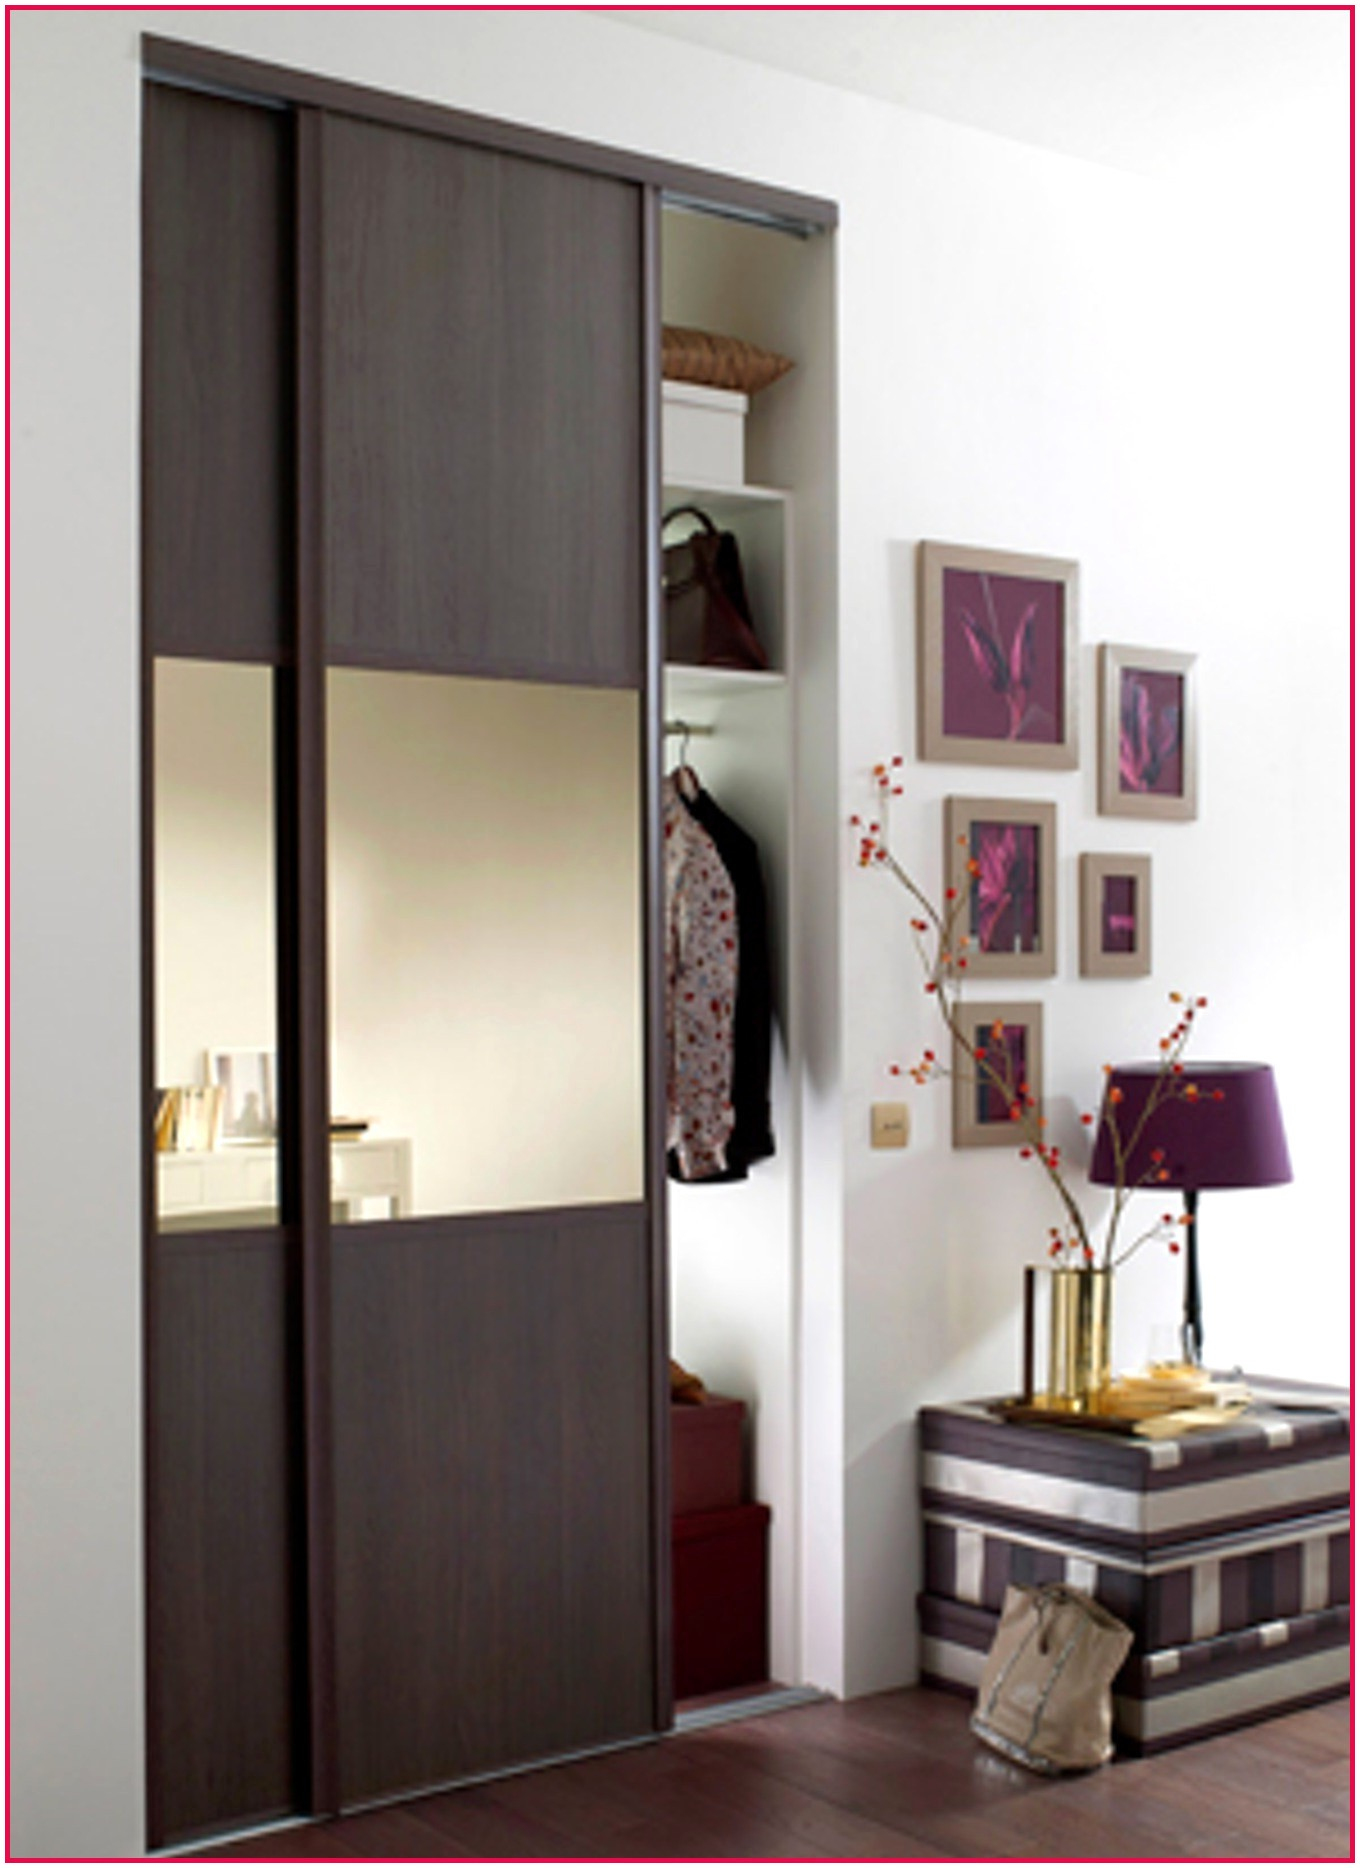 Kit Porte Coulissante Placard Unique Images 21meilleur De Porte Placard Coulissante Ikea Intérieur De La Maison